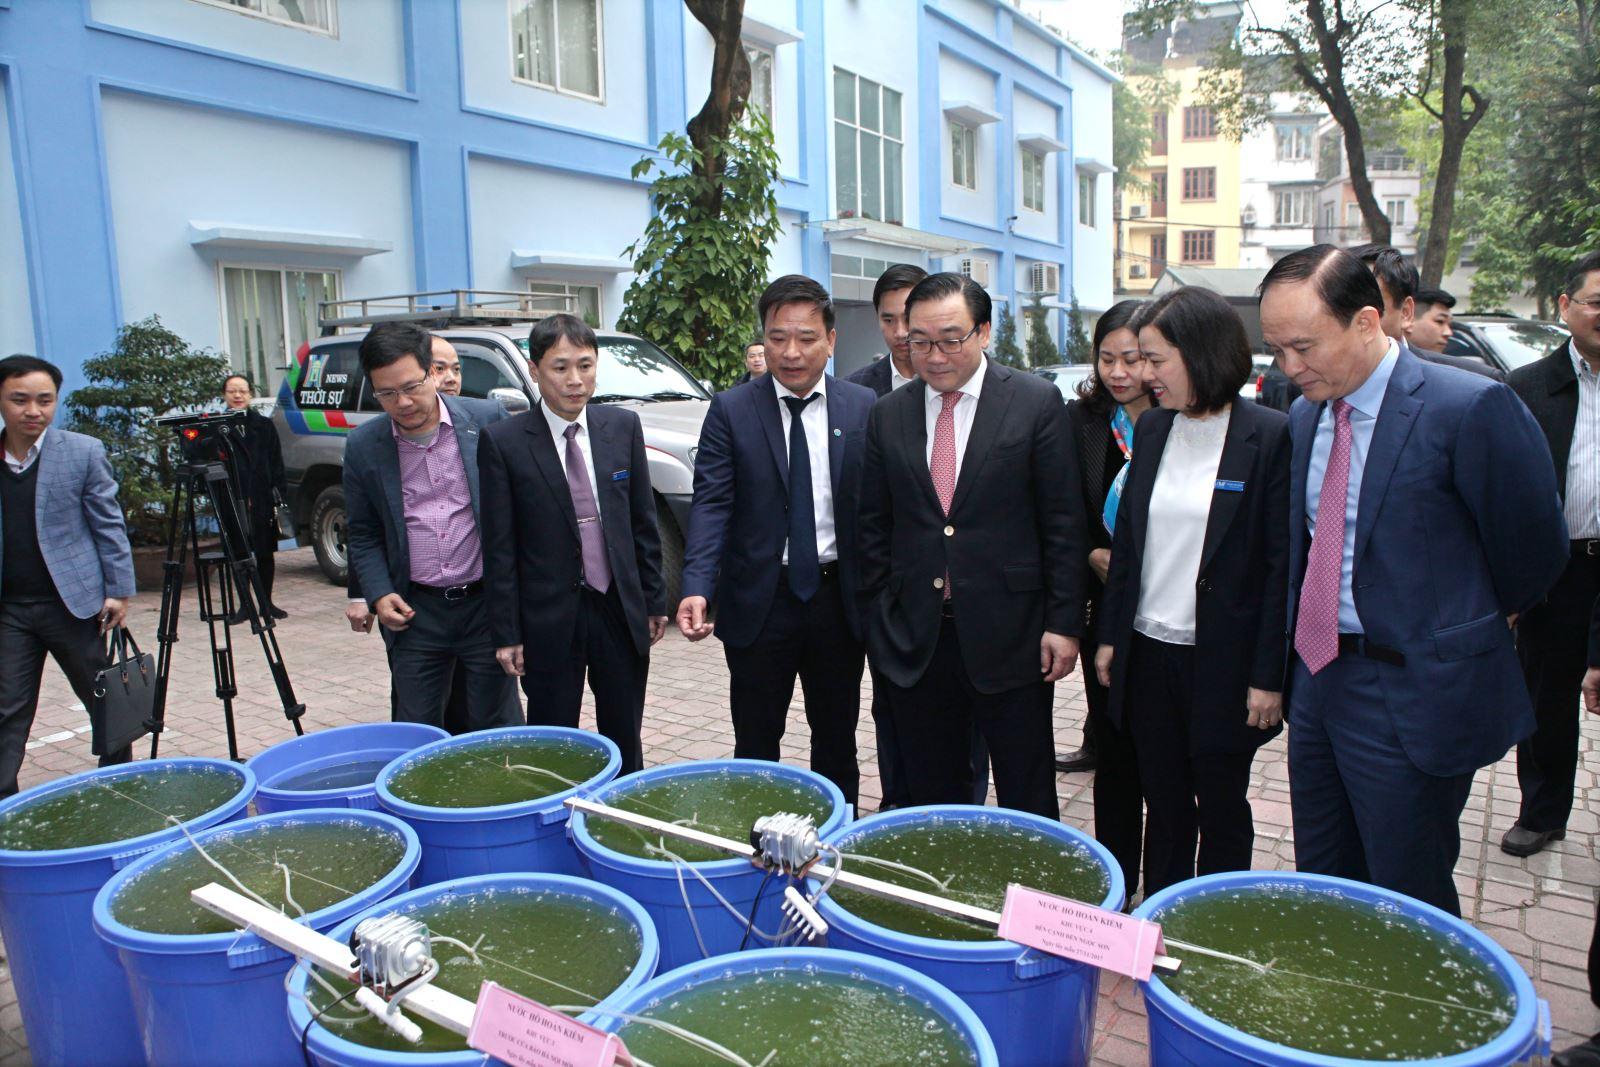 Thoát nước Hà Nội: 45 năm với sứ mệnh khơi thông dòng chảy của Thủ đô